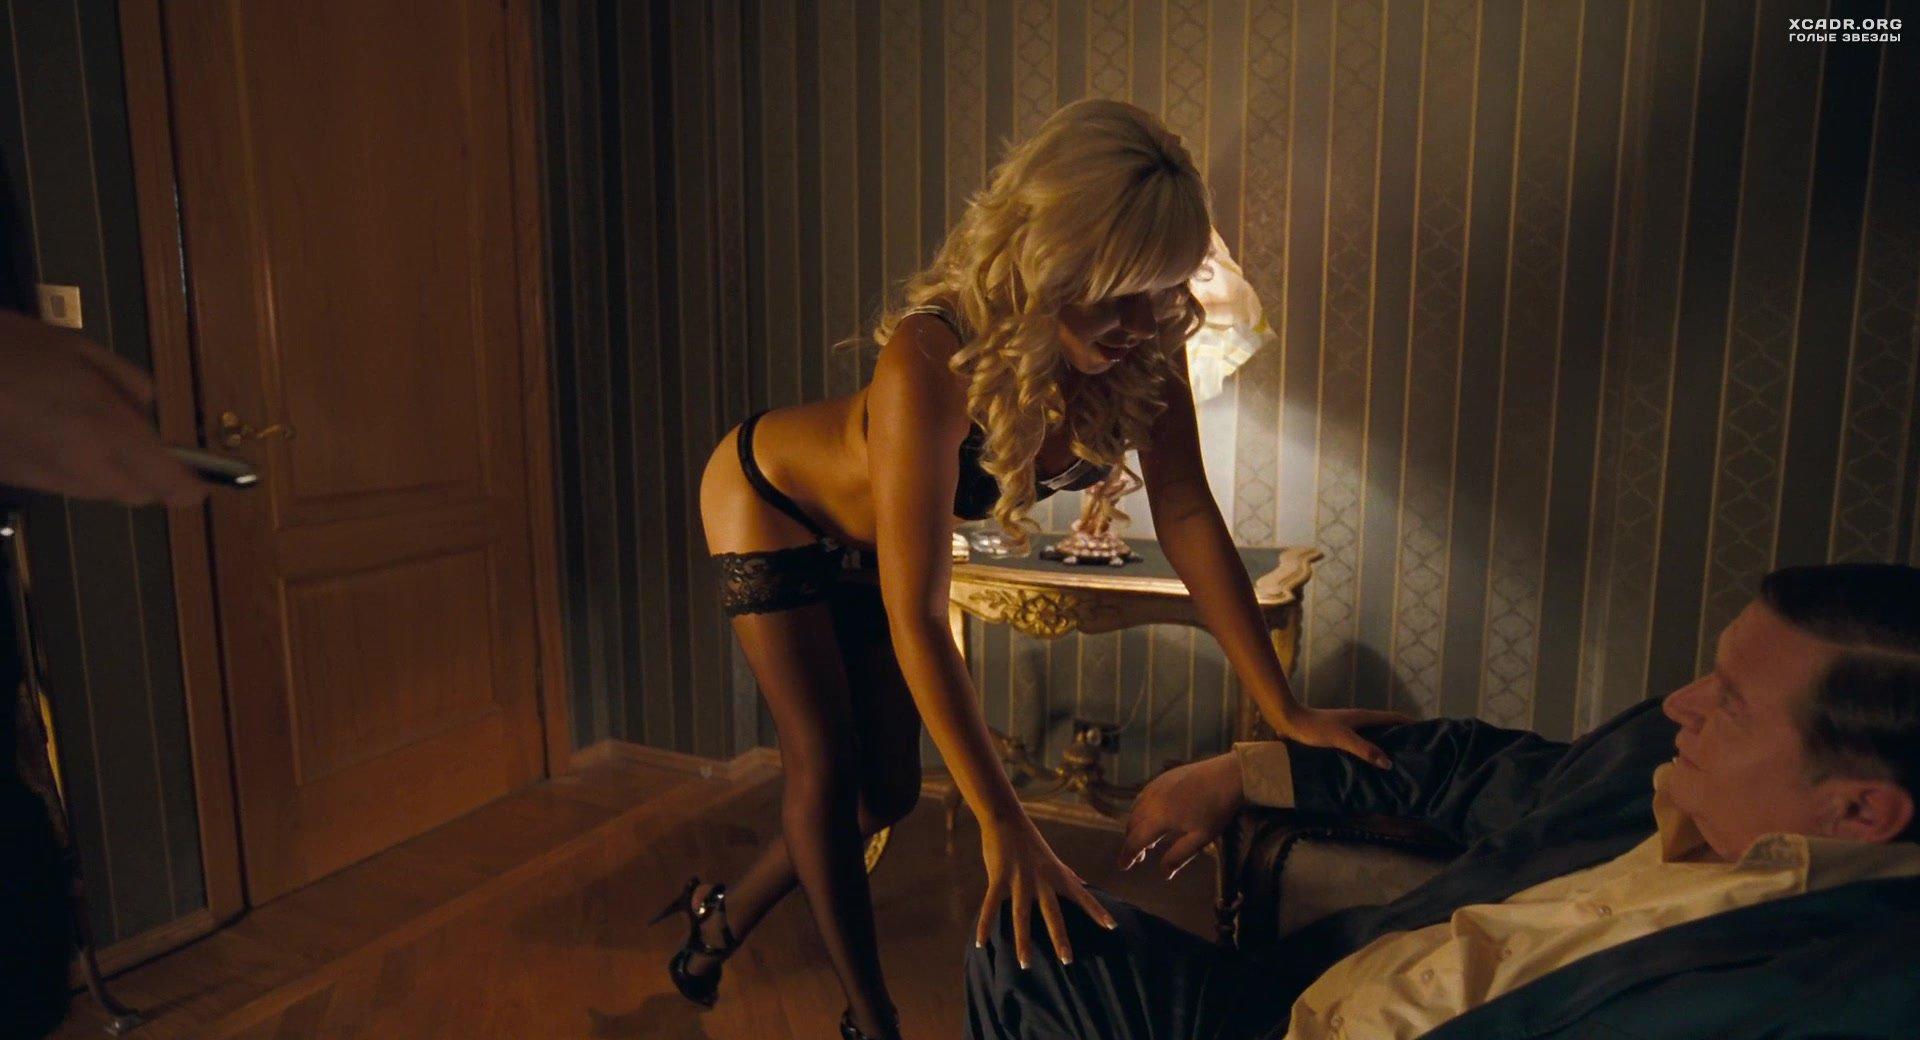 русский фильм проститутка разговора жизнь